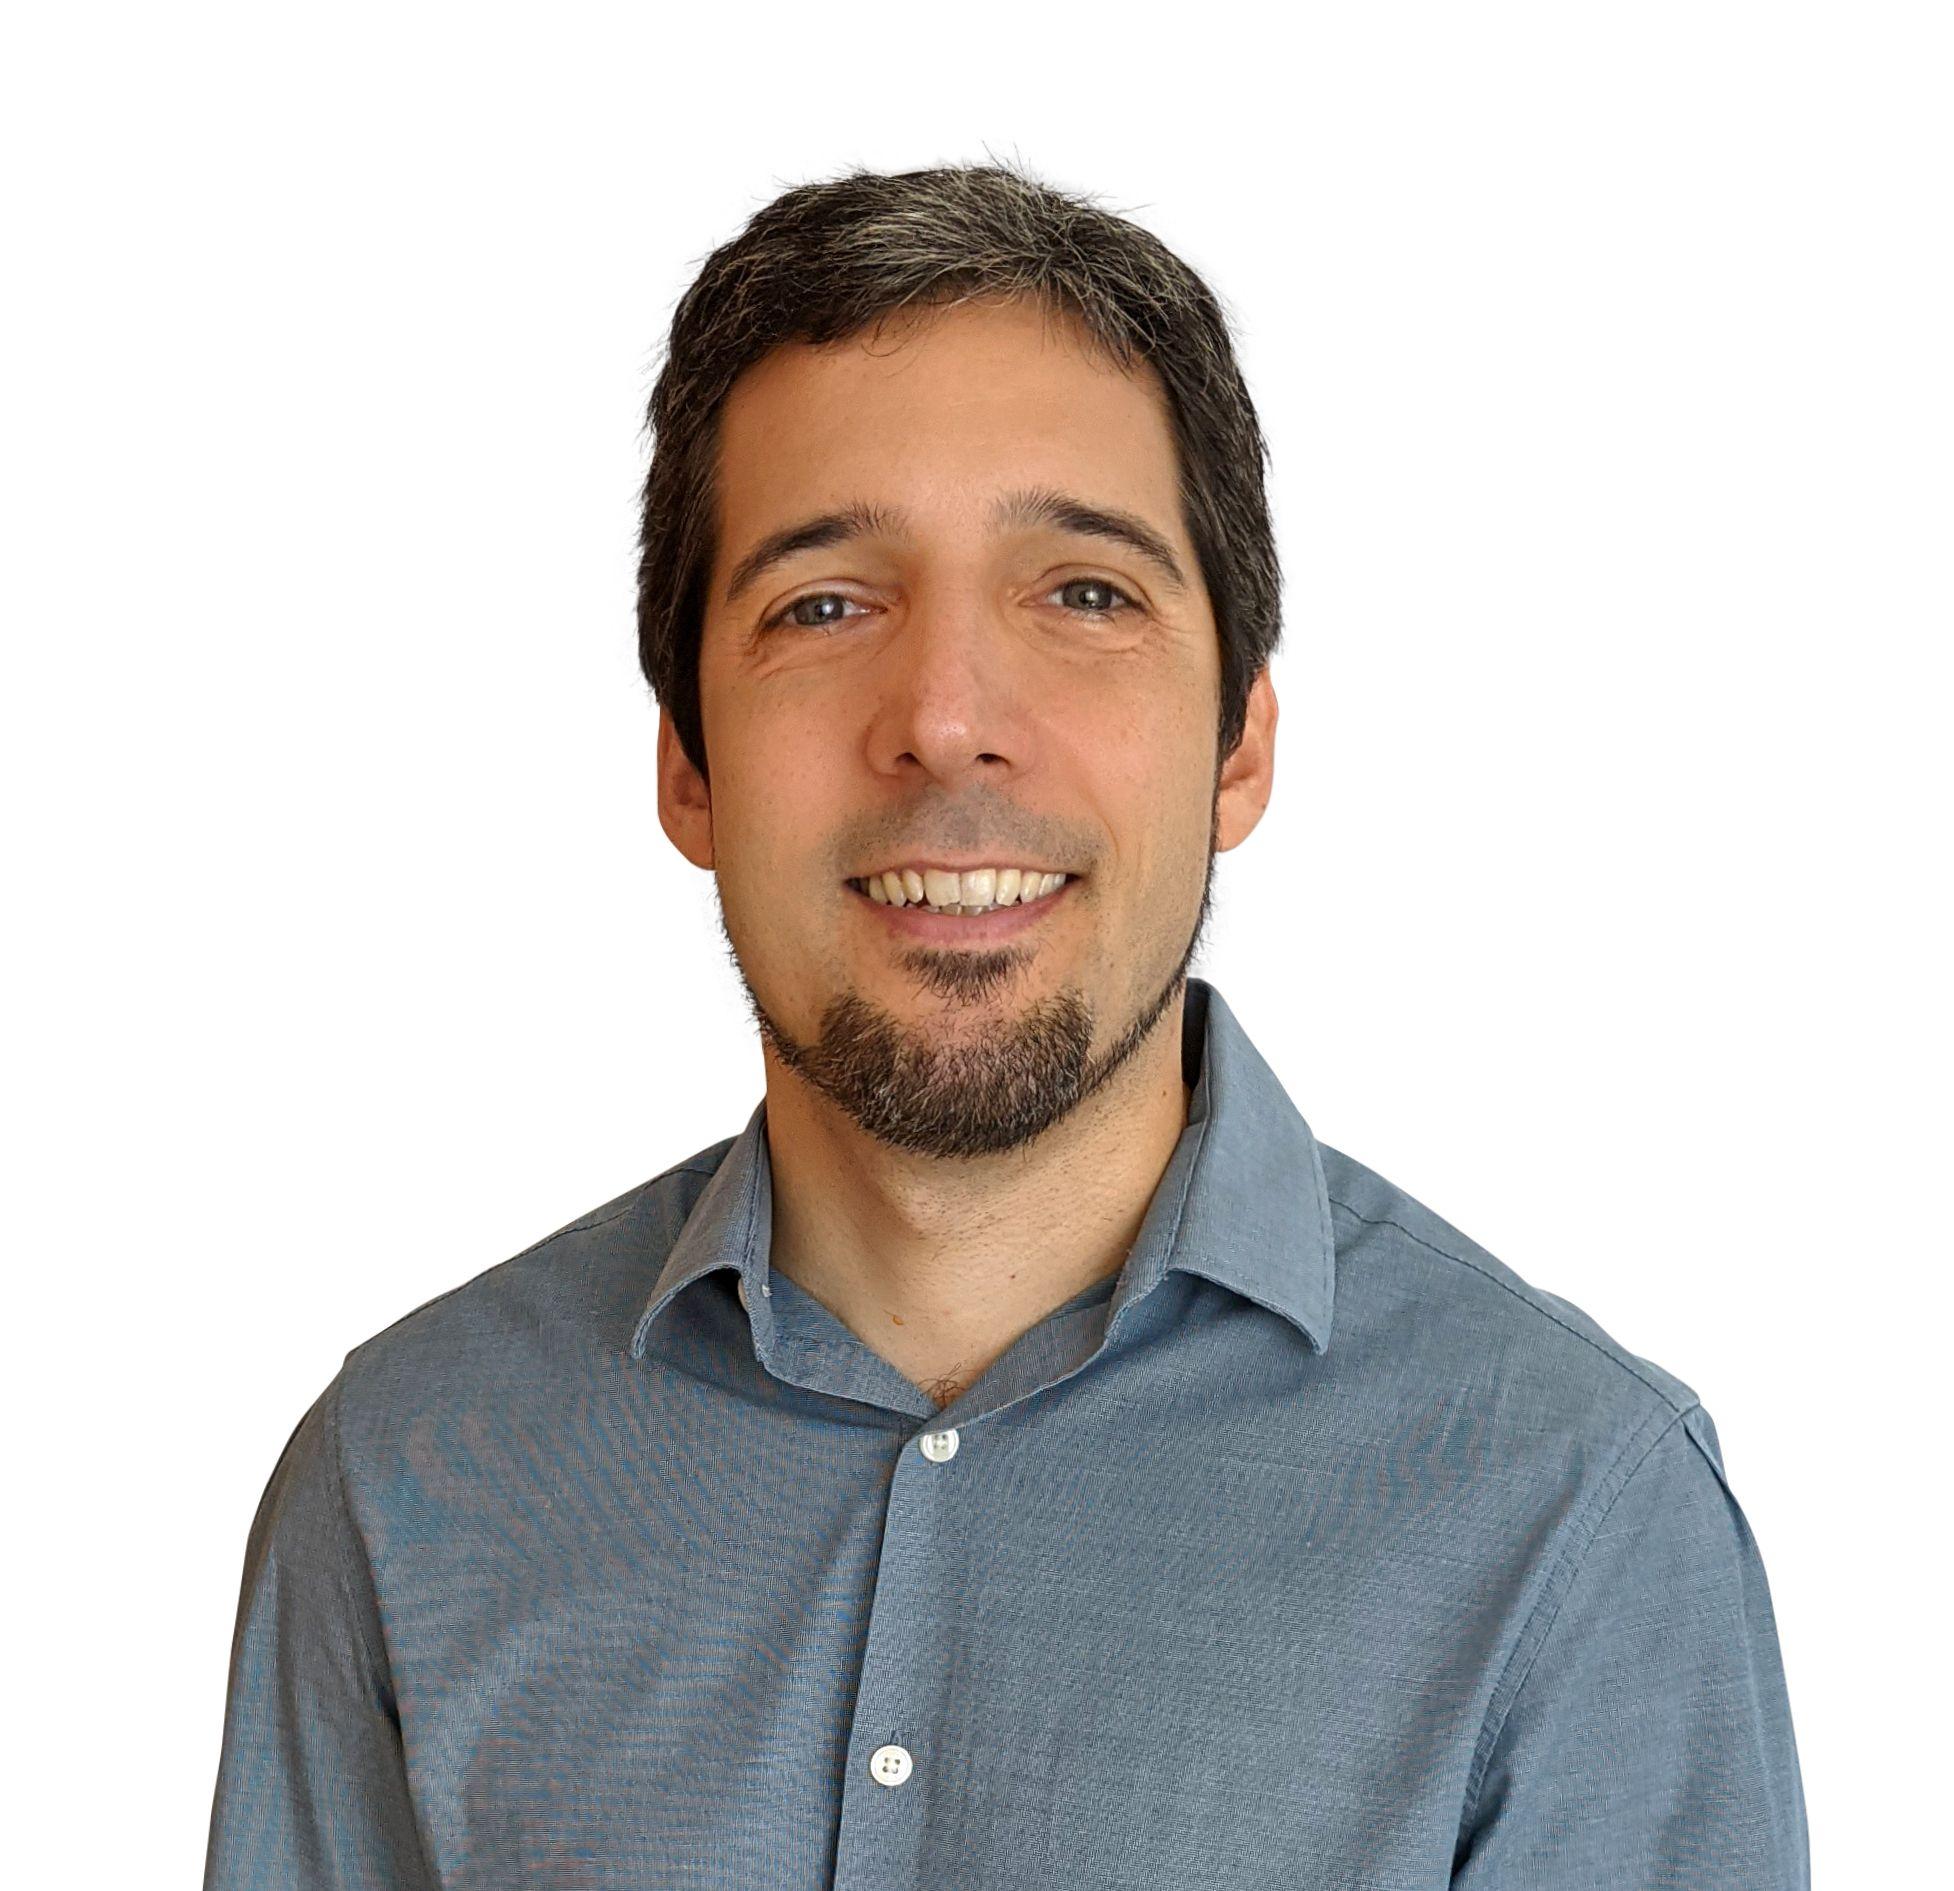 Nacho Bassino Hacker Noon profile picture